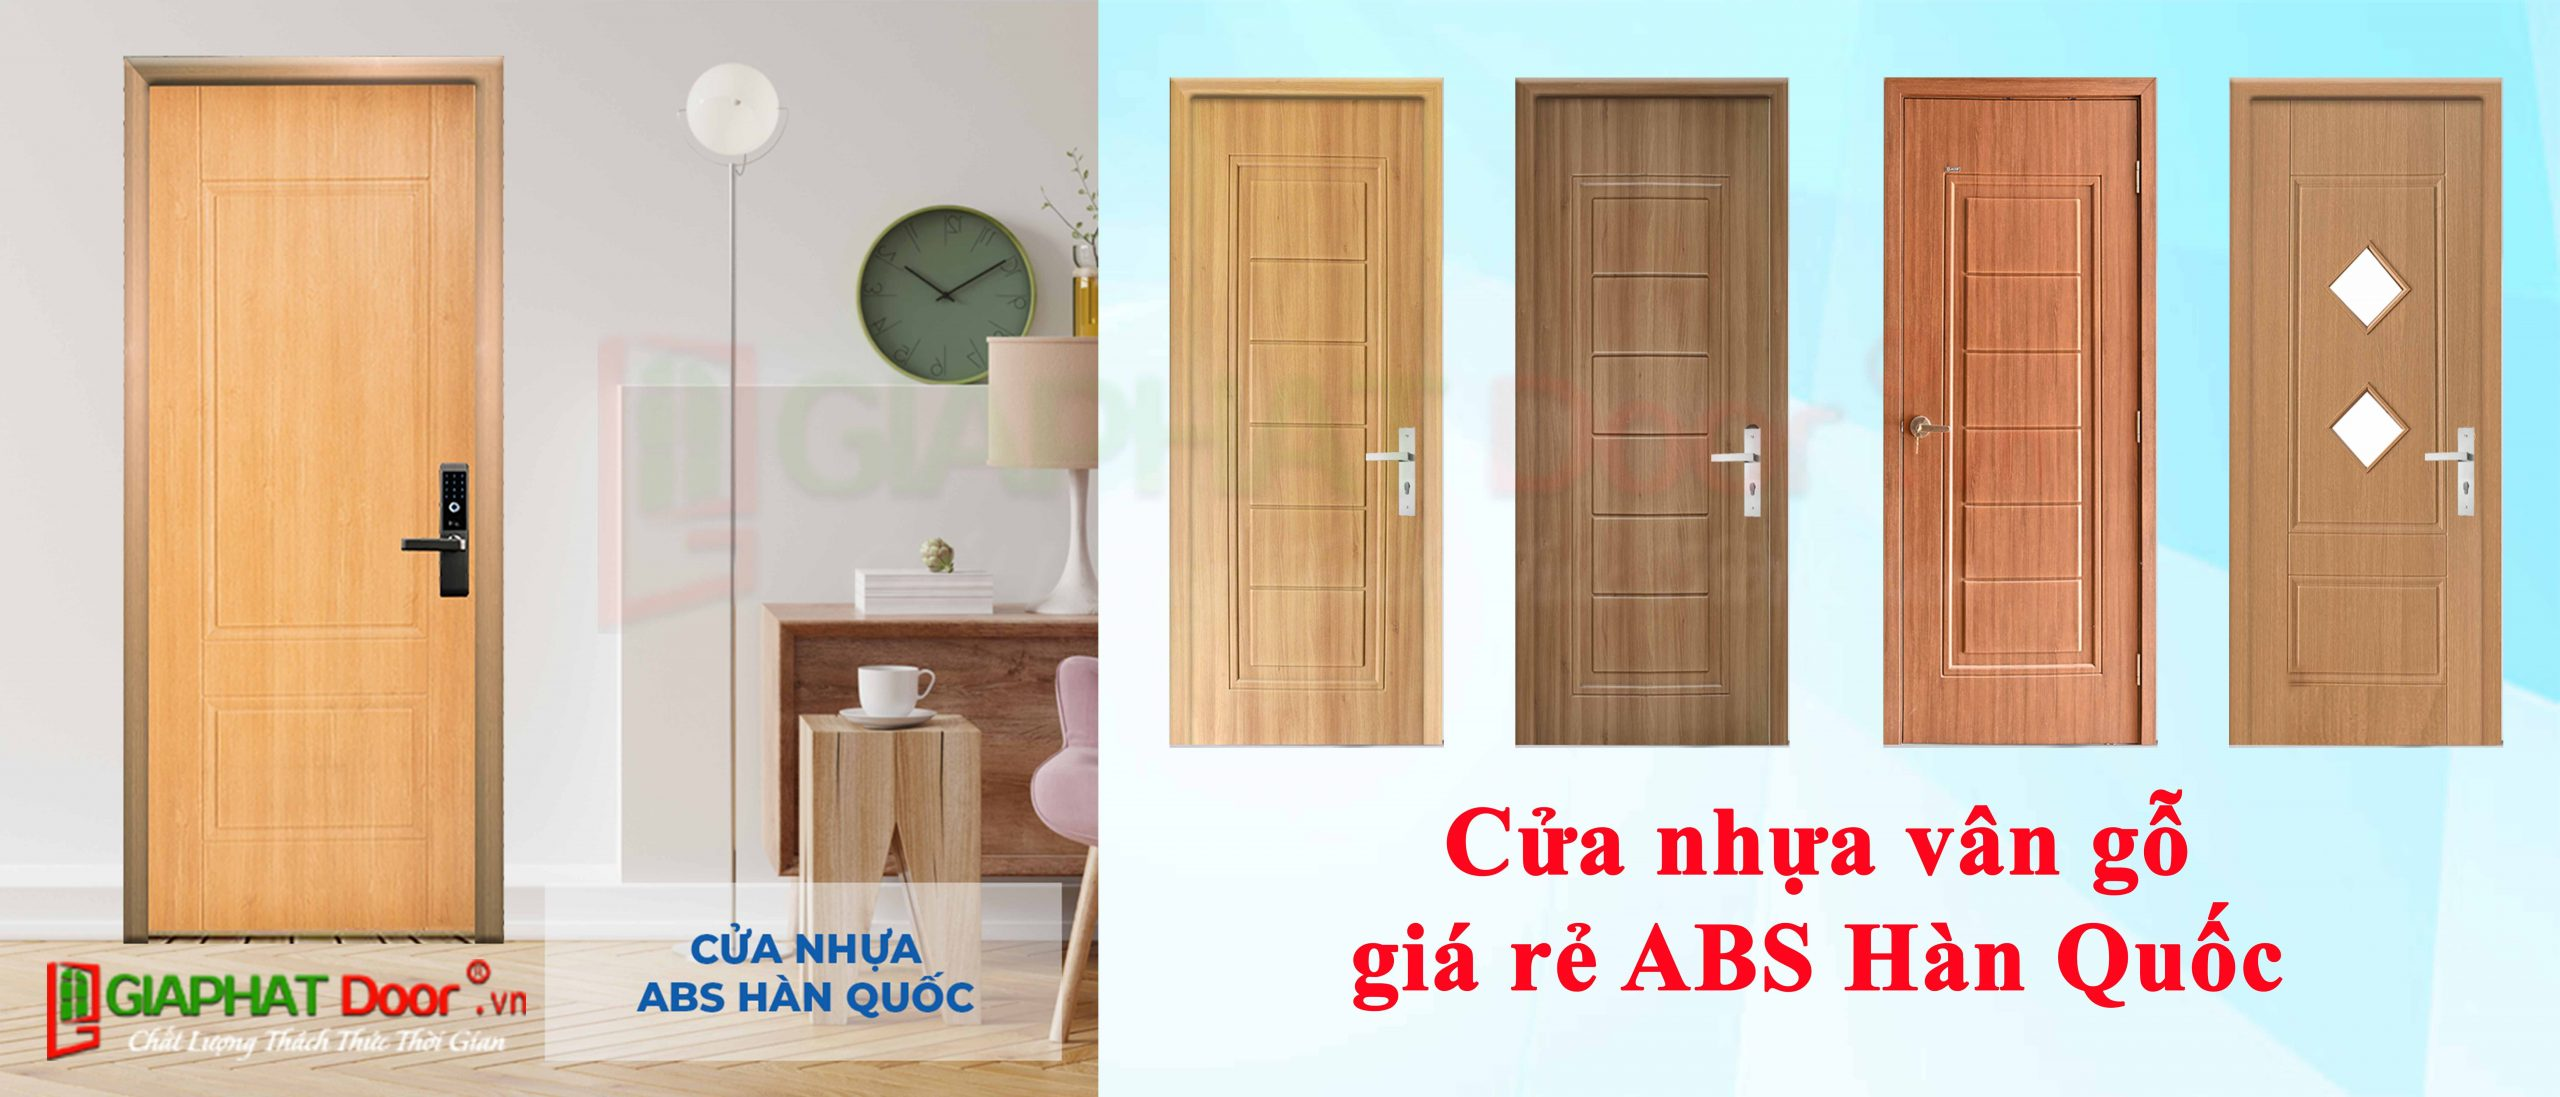 Cửa nhựa vân gỗ giá rẻ ABS Hàn Quốc dùng cho nhà vệ sinh